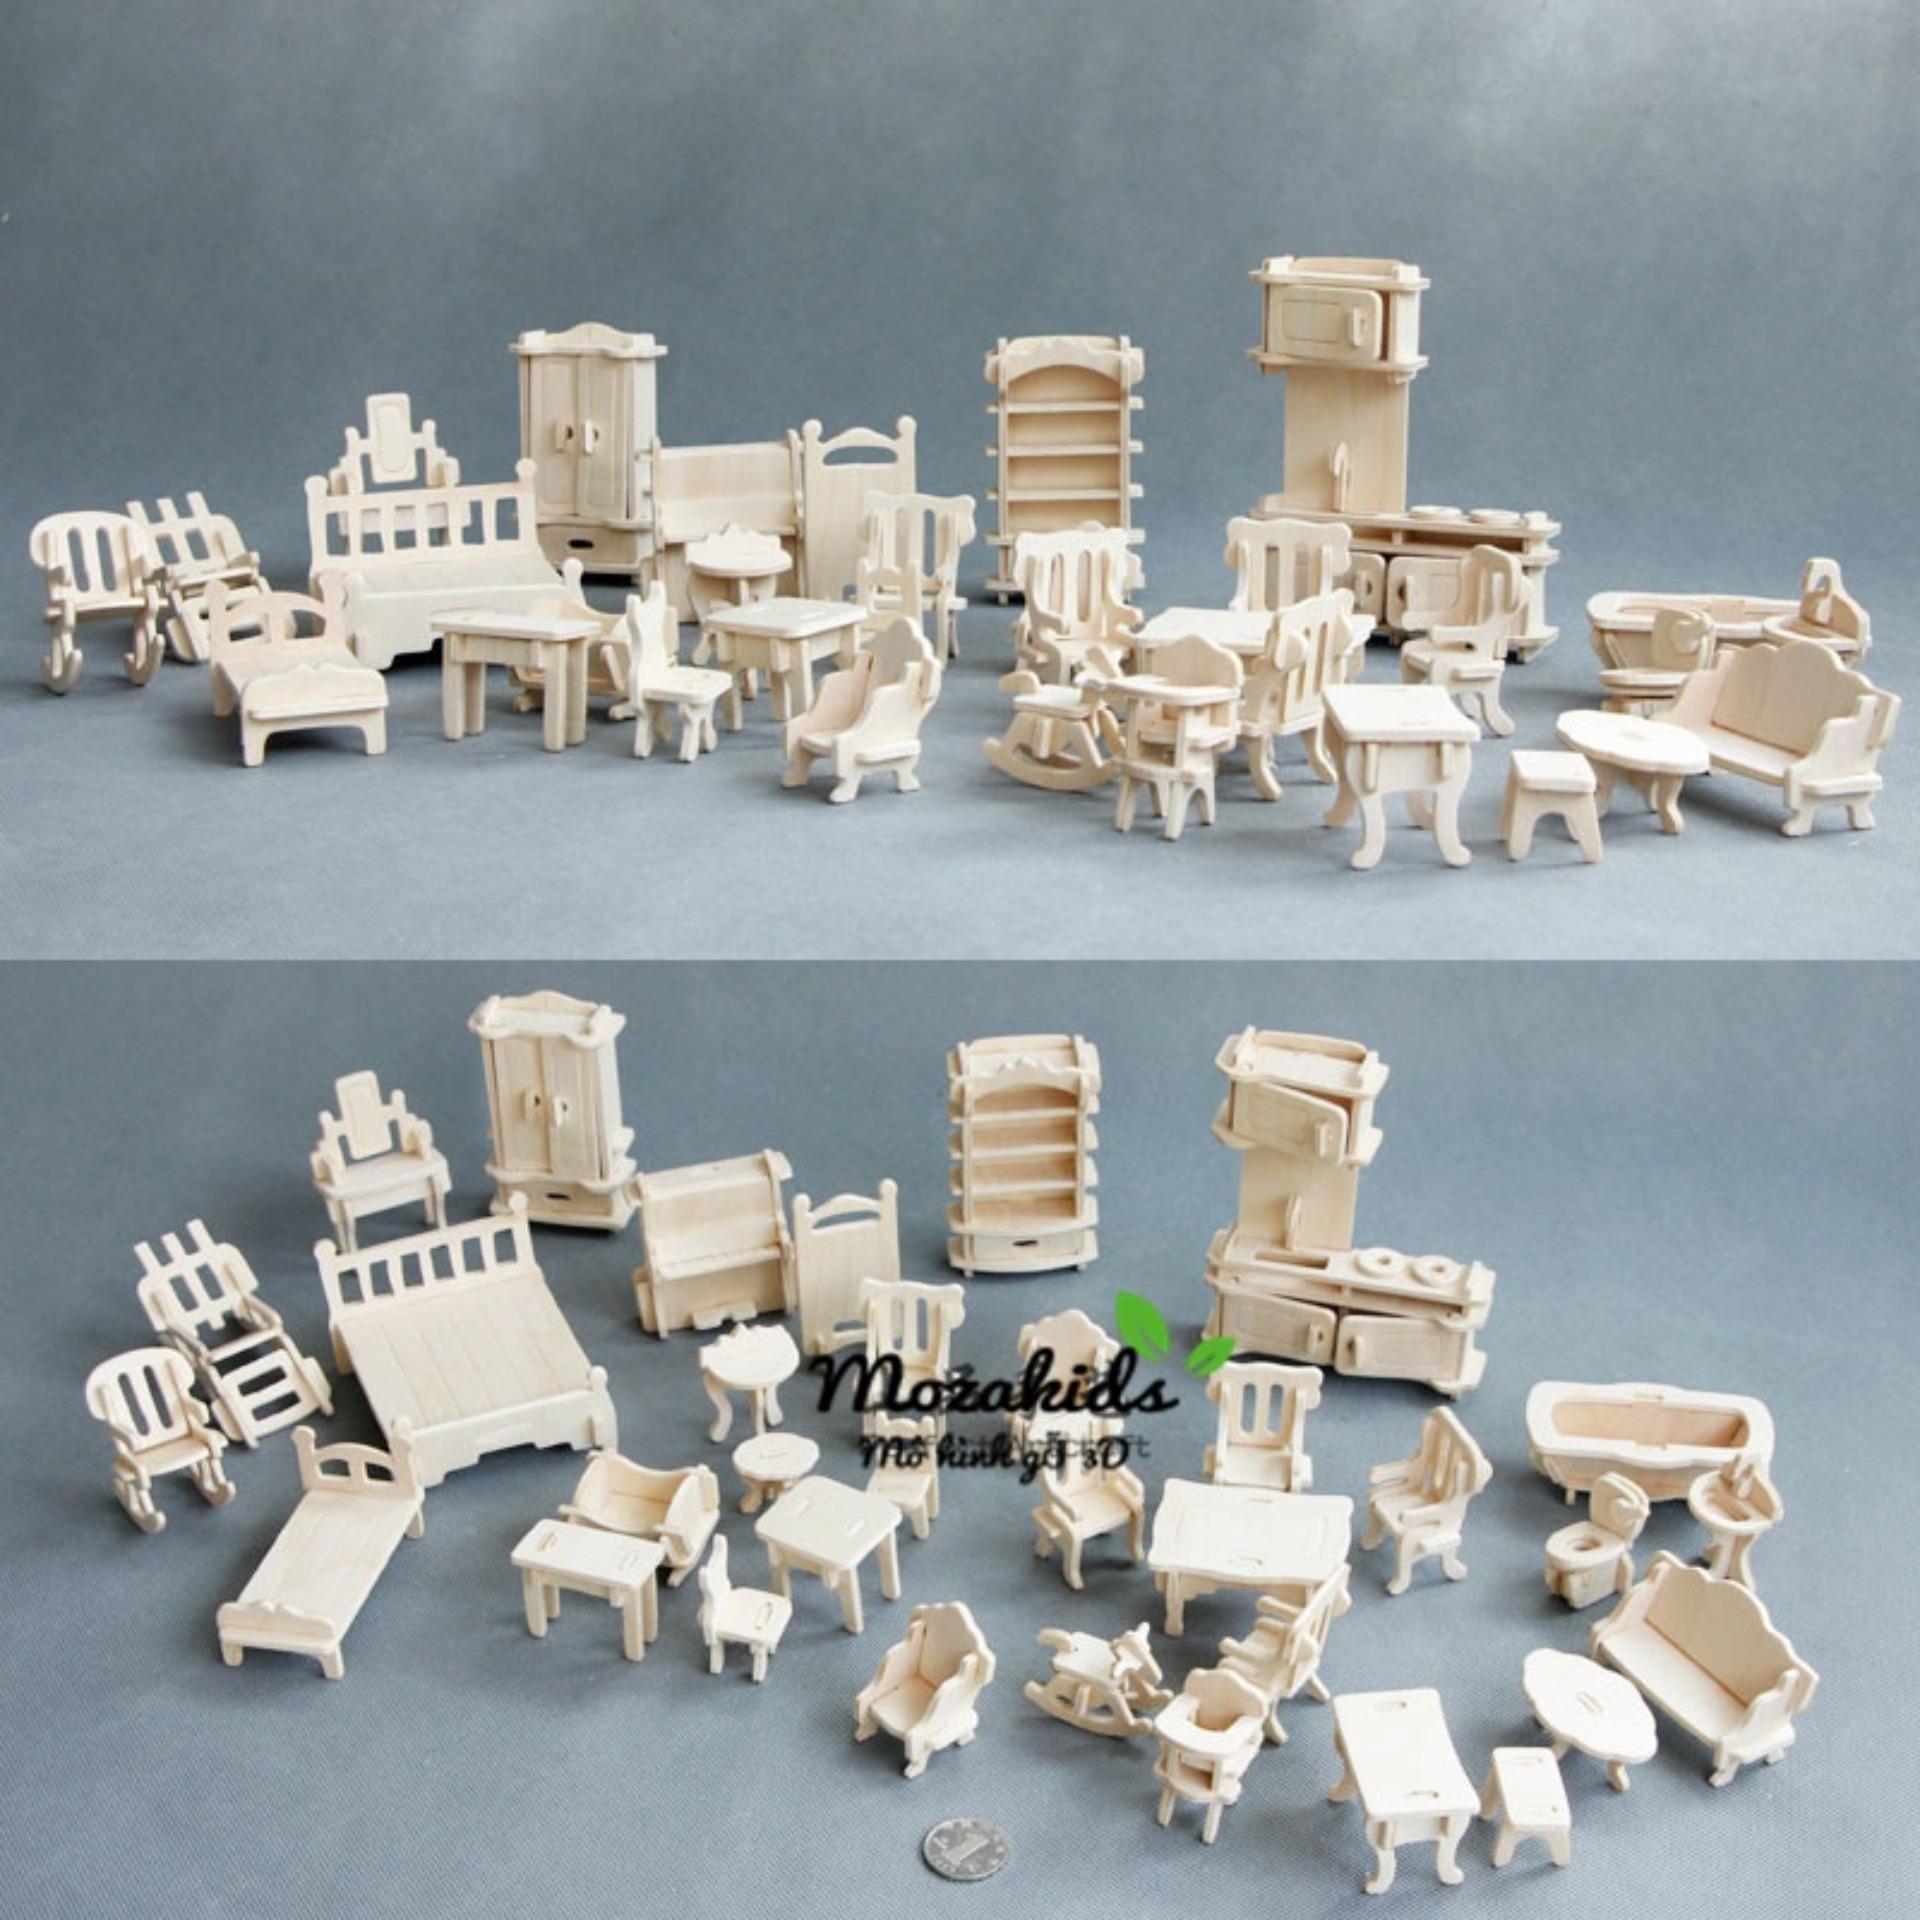 Đồ chơi lắp ráp gỗ 3D Mô hình Nội Thất 36 món